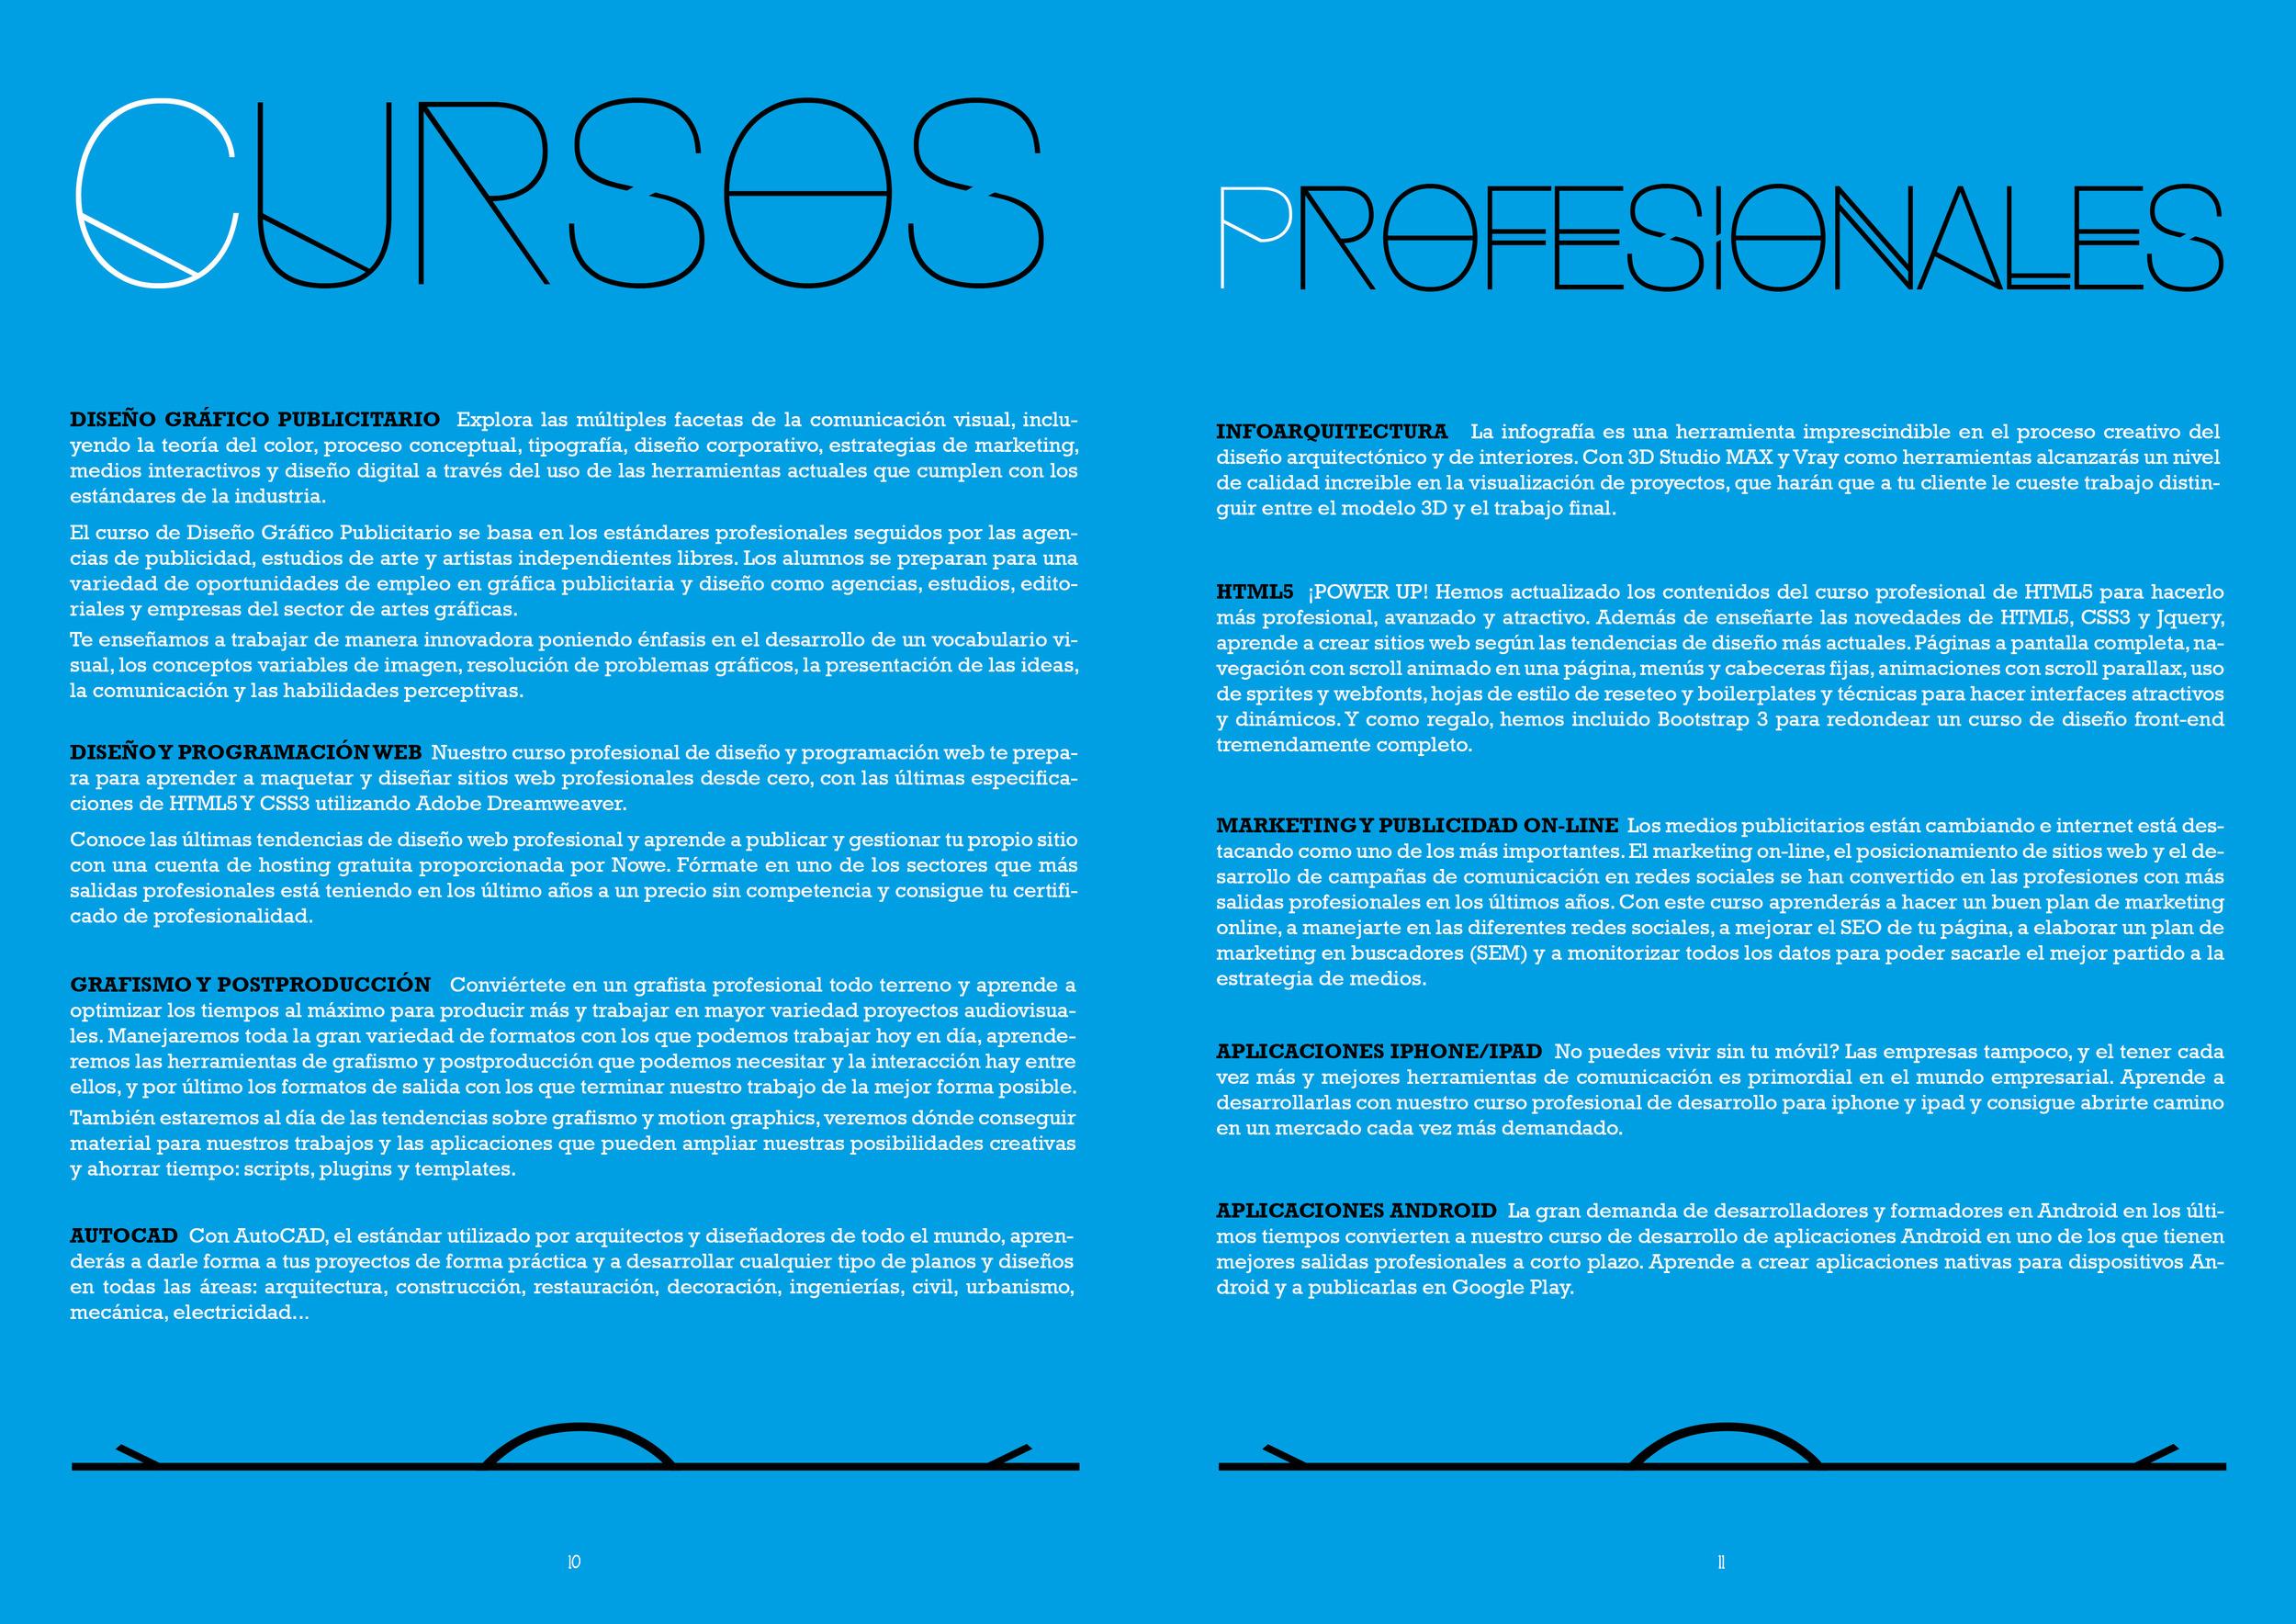 NOWE 16 páginas6.jpg